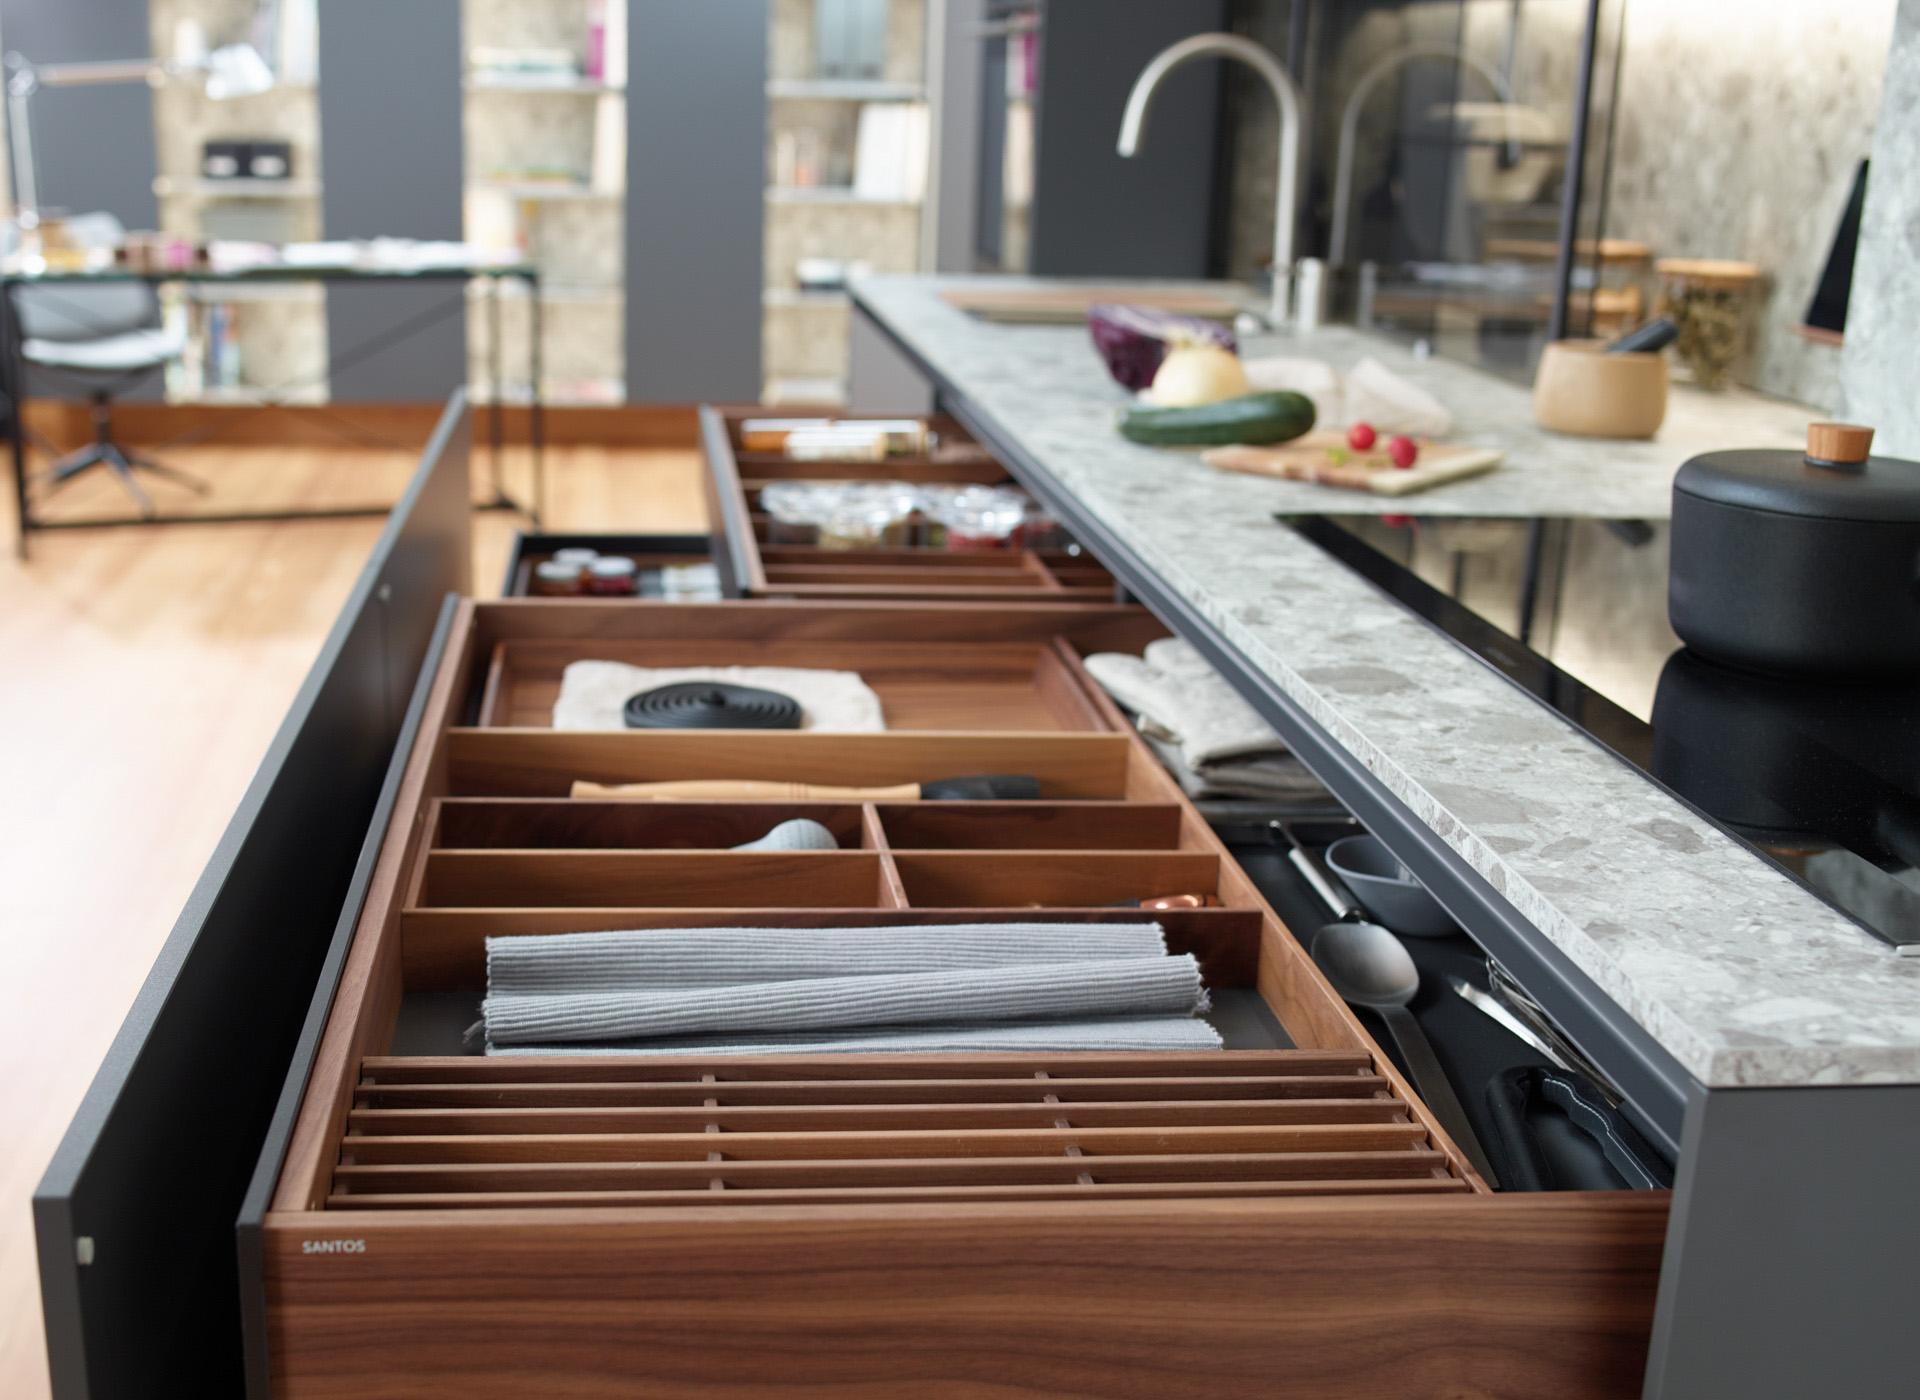 cubertero-extraible-en-cocinas-en-linea-santos